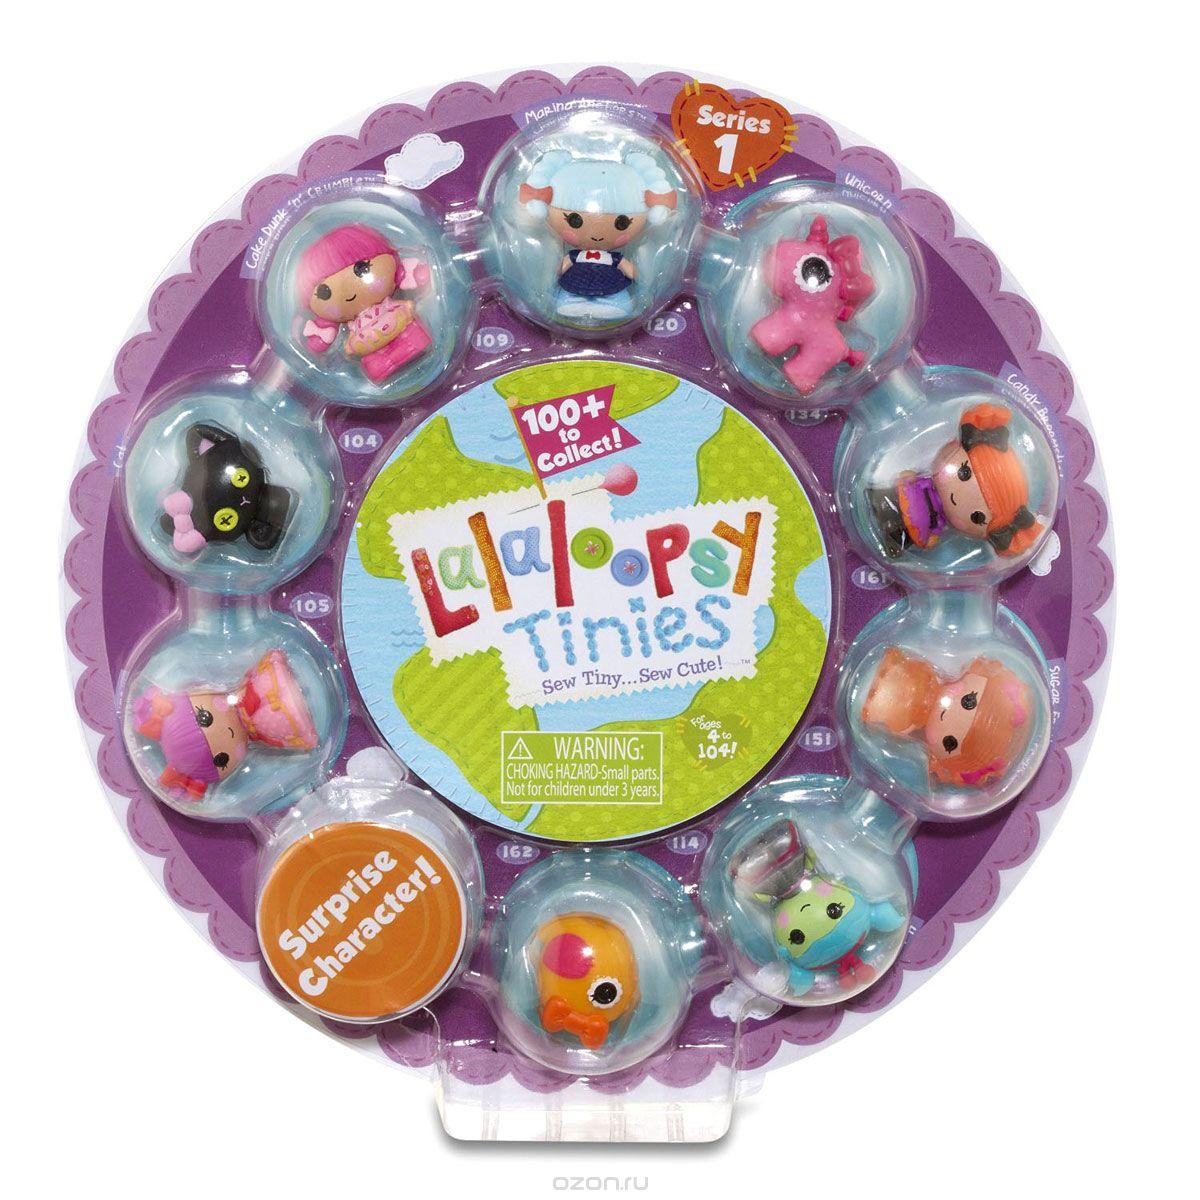 Купить Lalaloopsy Набор фигурок Малютки Series 1 цвет розовый, MGA Entertainment